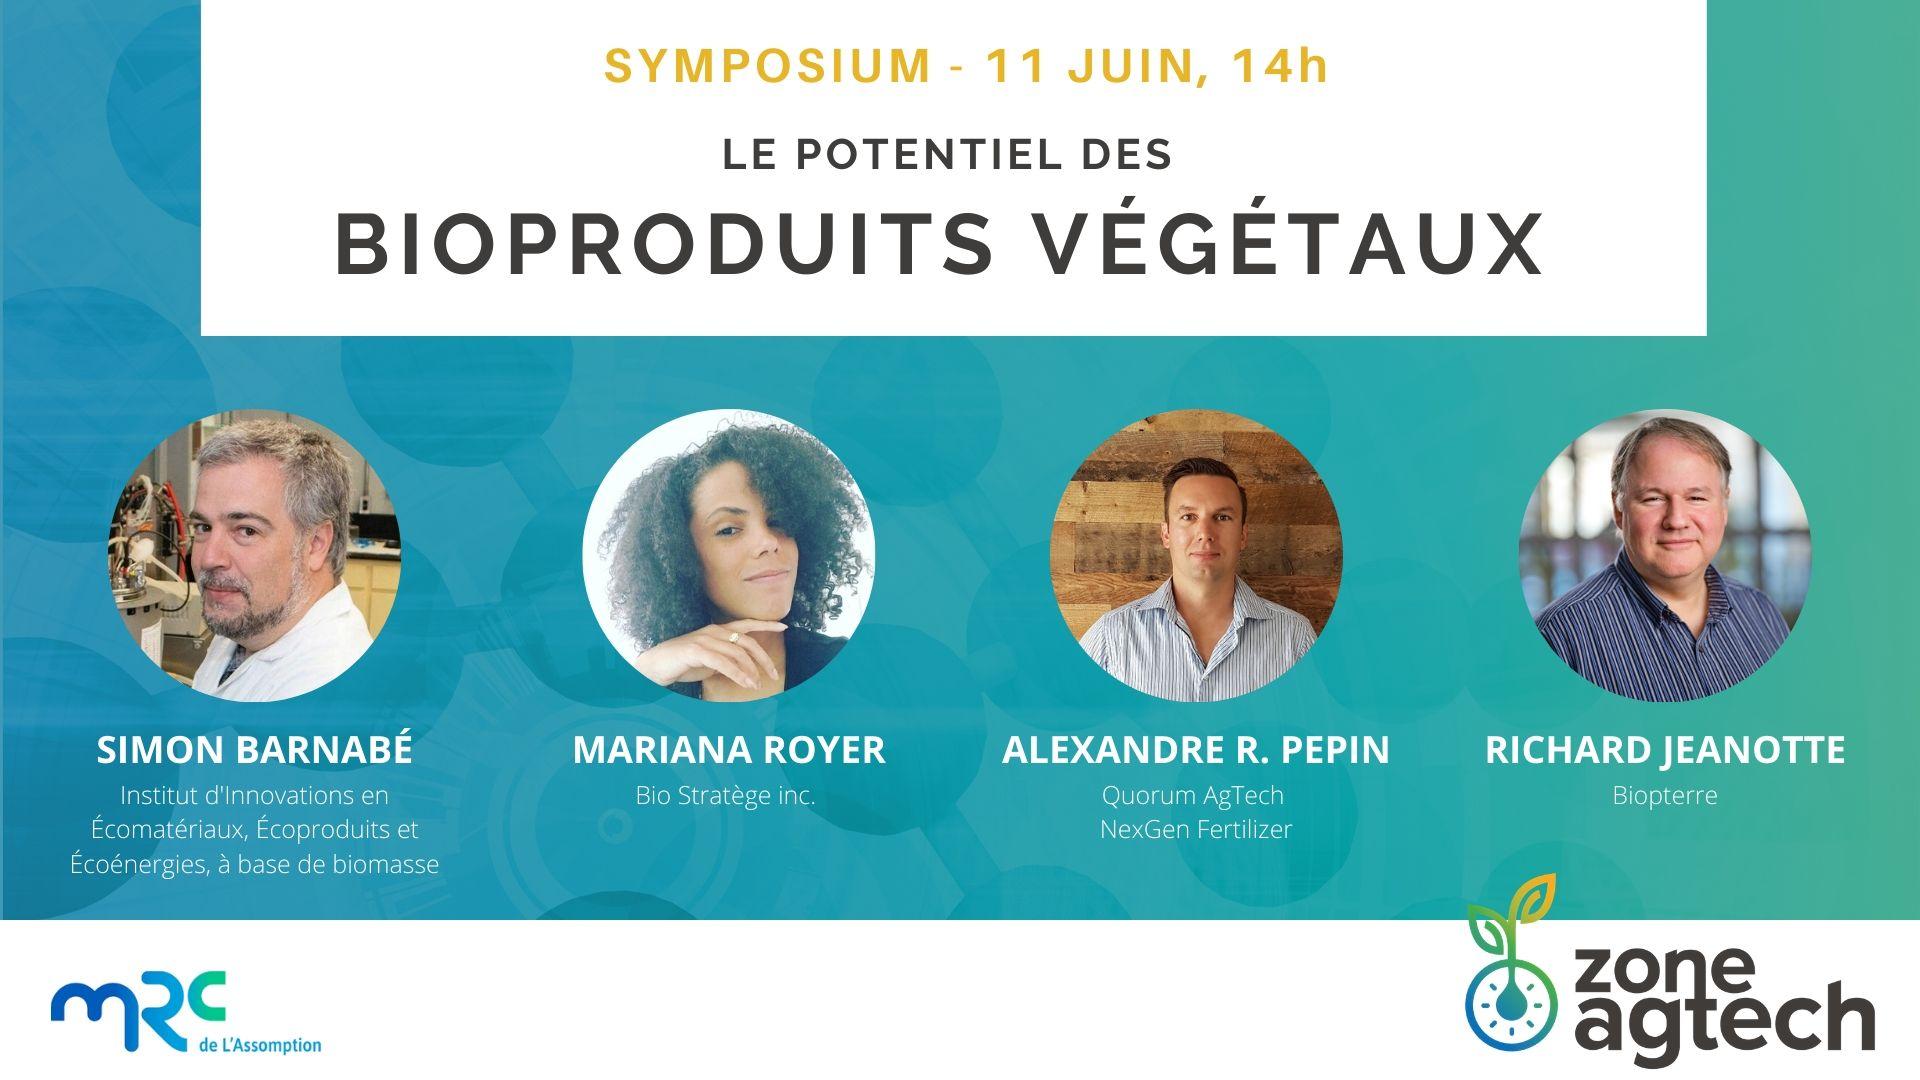 Mini-symposium - Le potentiel des bioproduits végétaux